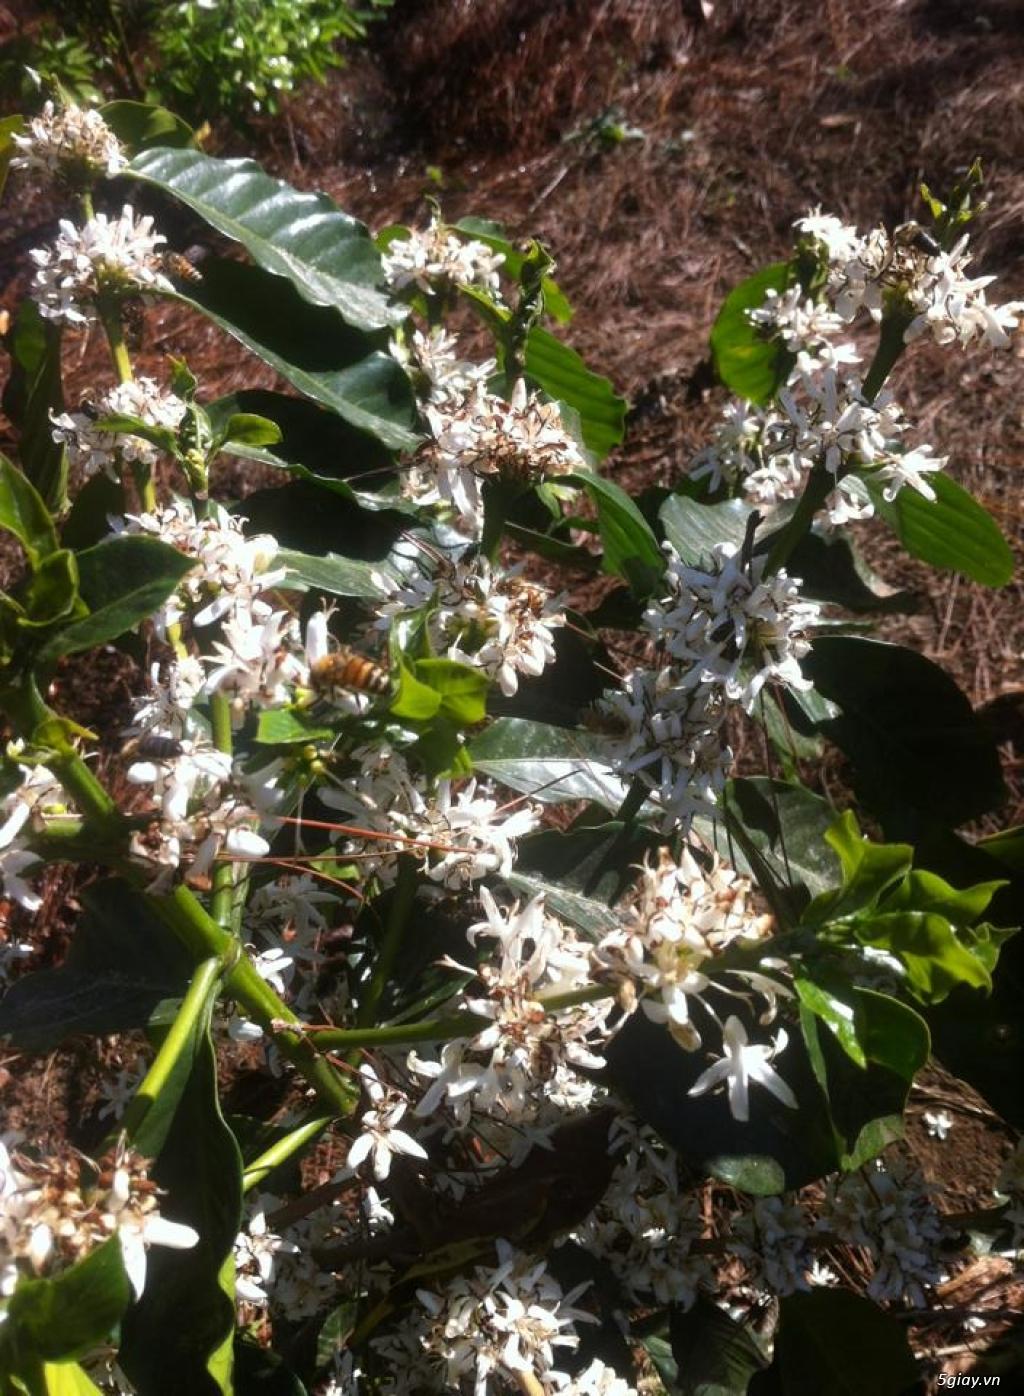 Mật ong hoa cà phê Arabica - 11